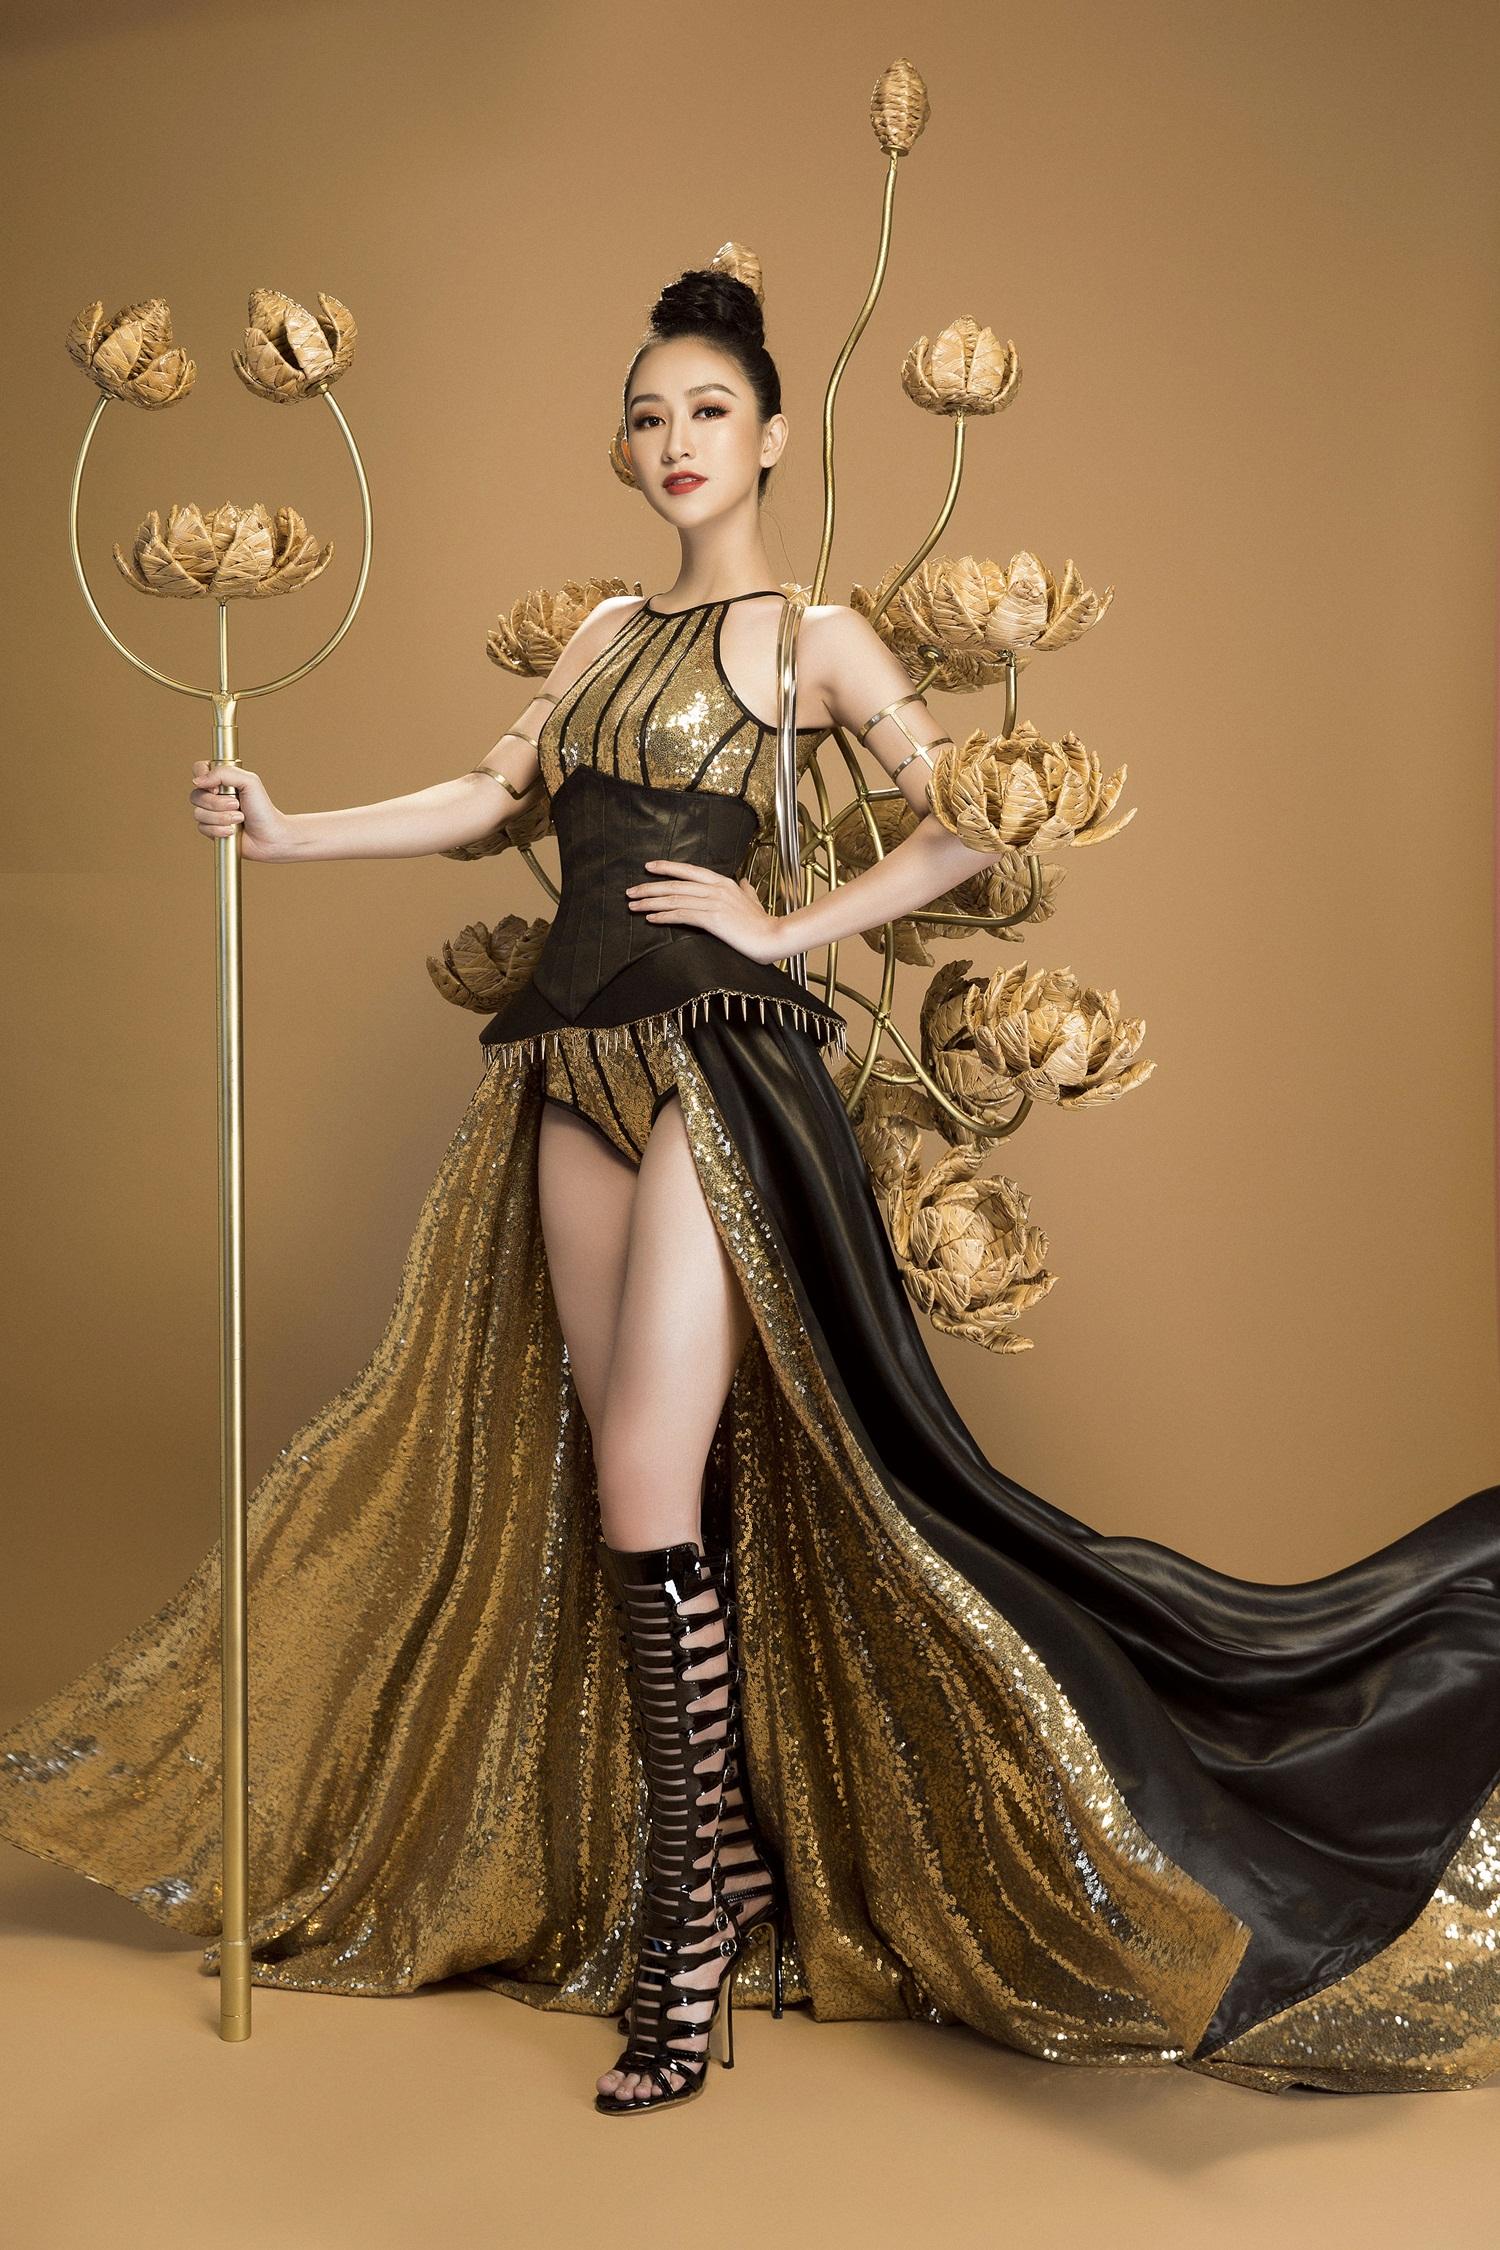 Không phải Áo dài, đây mới là trang phục truyền thống mà Hà Thu lựa chọn để tranh tài tại Miss Earth 2017 - Ảnh 3.